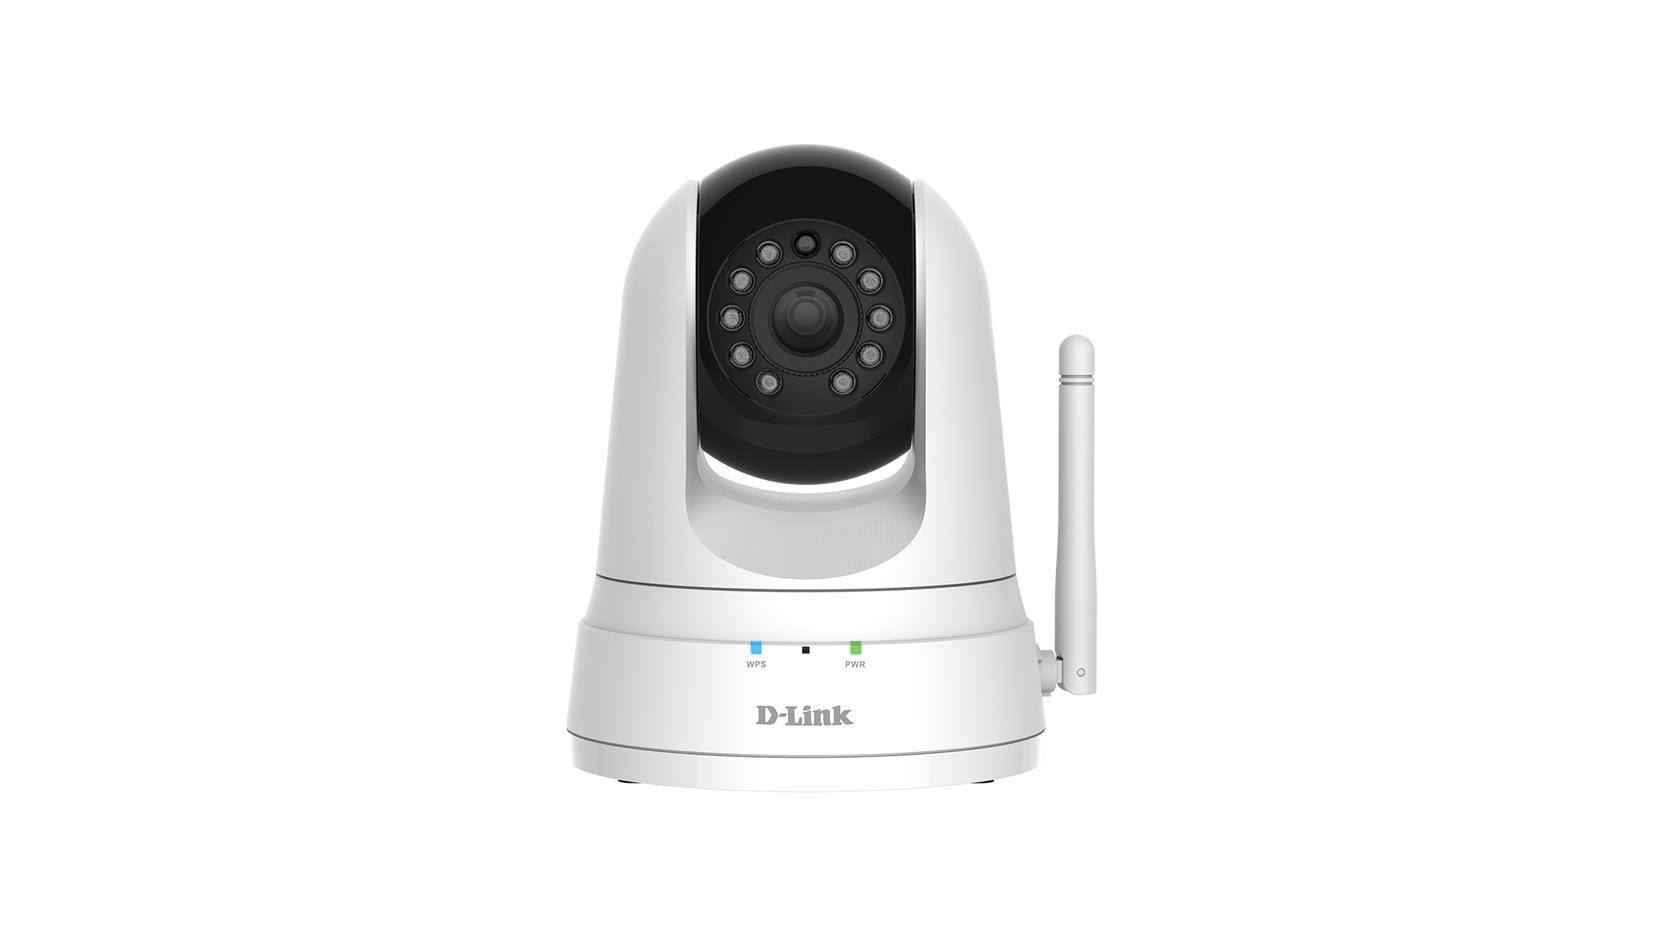 D-Link DCS-5000L IP Camera